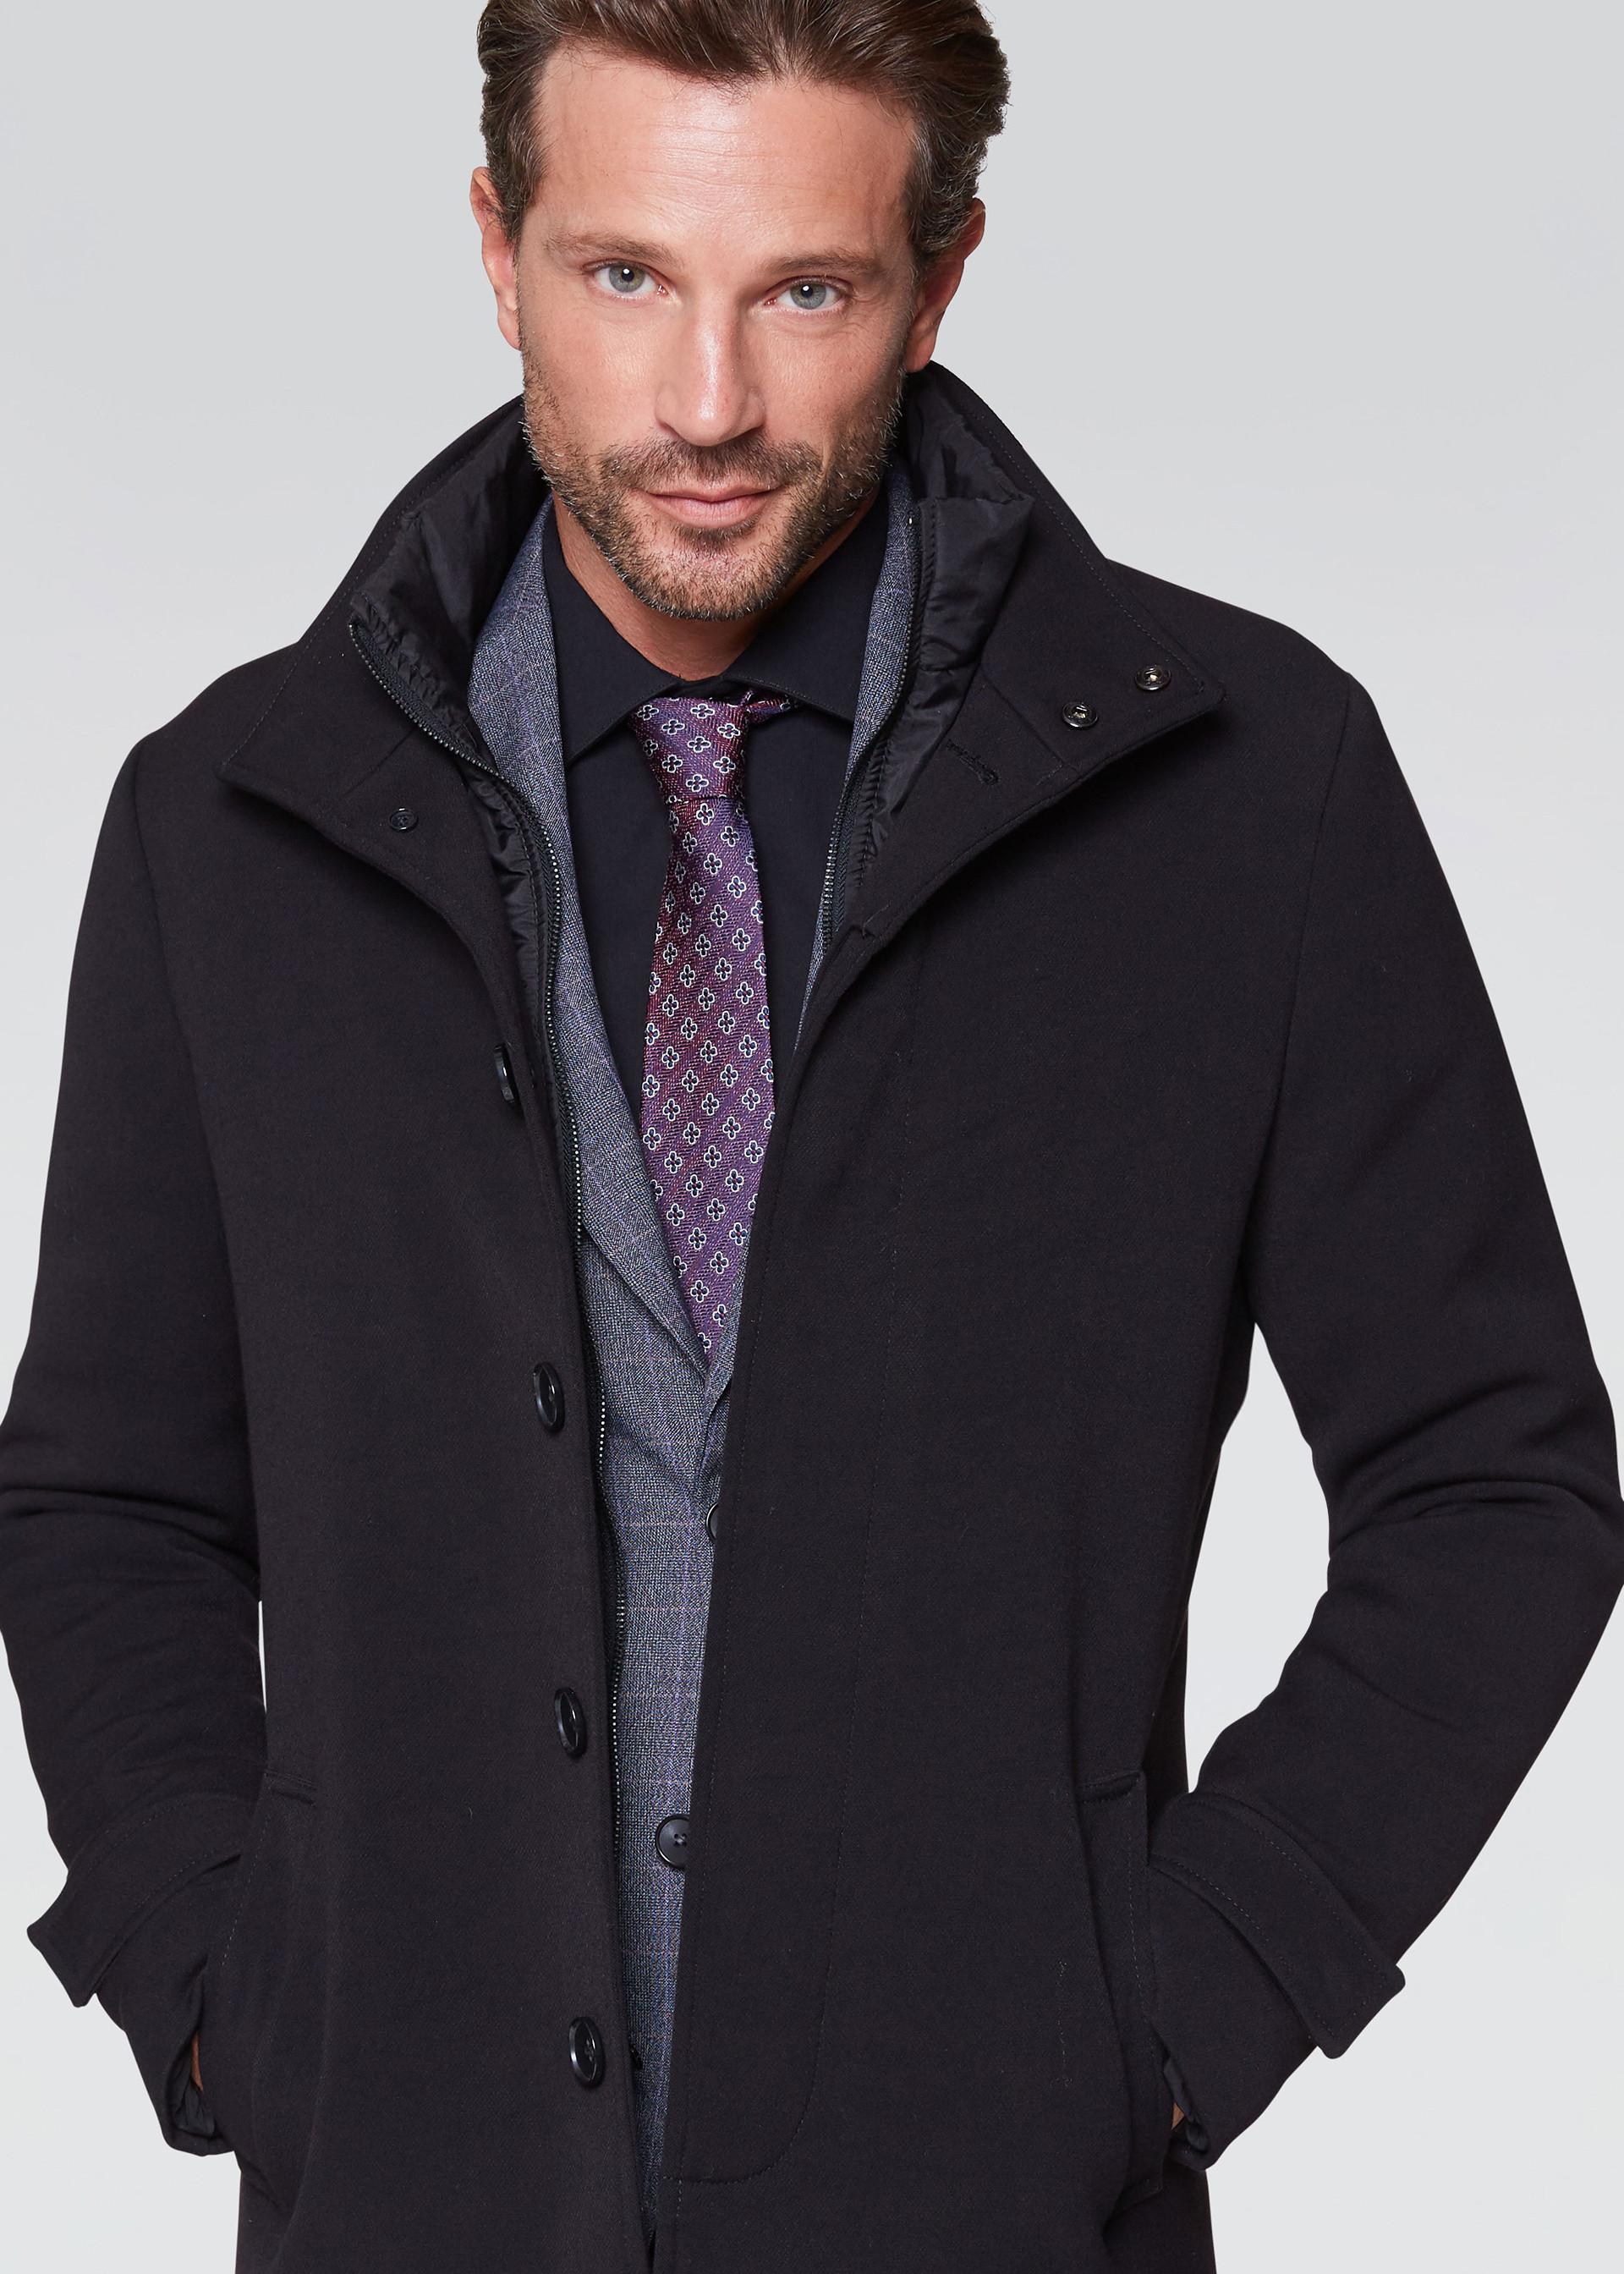 cappotto uomo corto conbipel